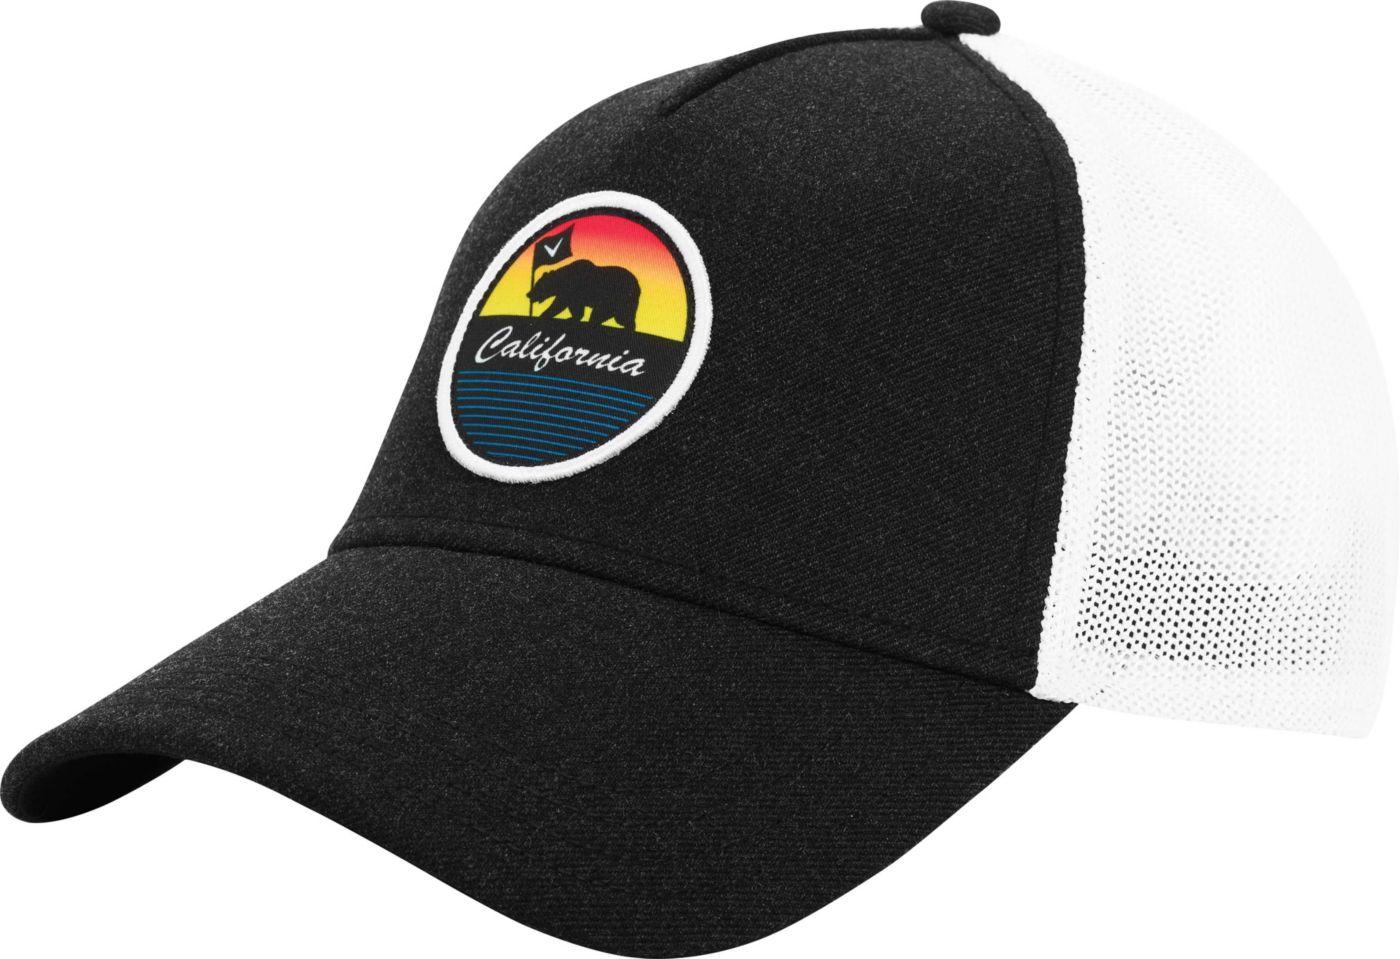 Callaway Men's Cali Trucker Golf Hat